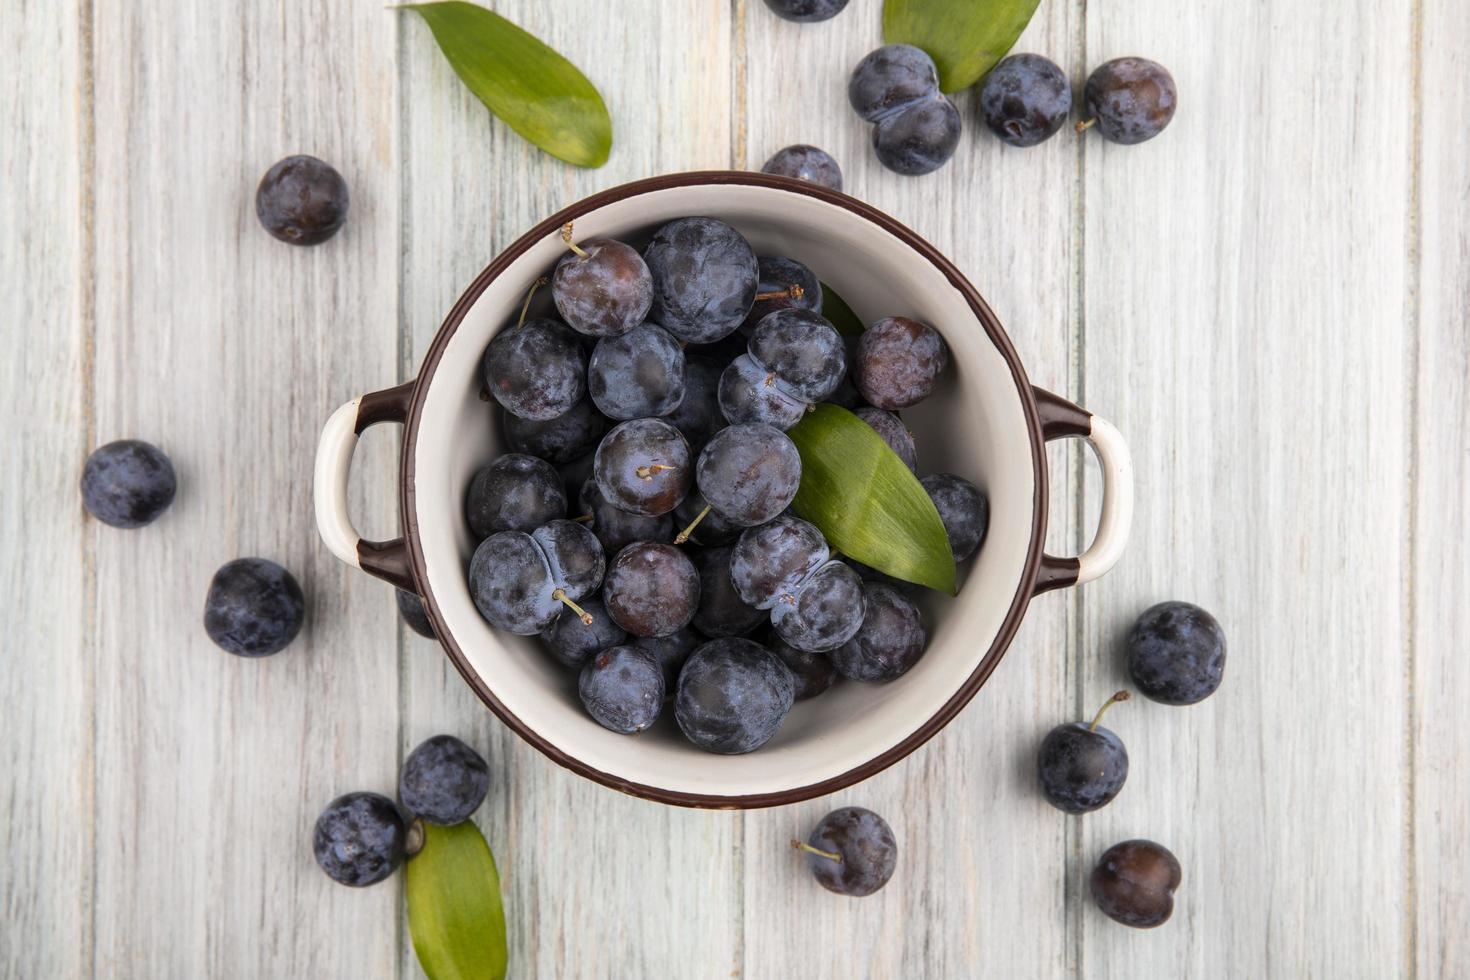 frische Beeren lokalisiert auf einem grauen hölzernen Hintergrund foto